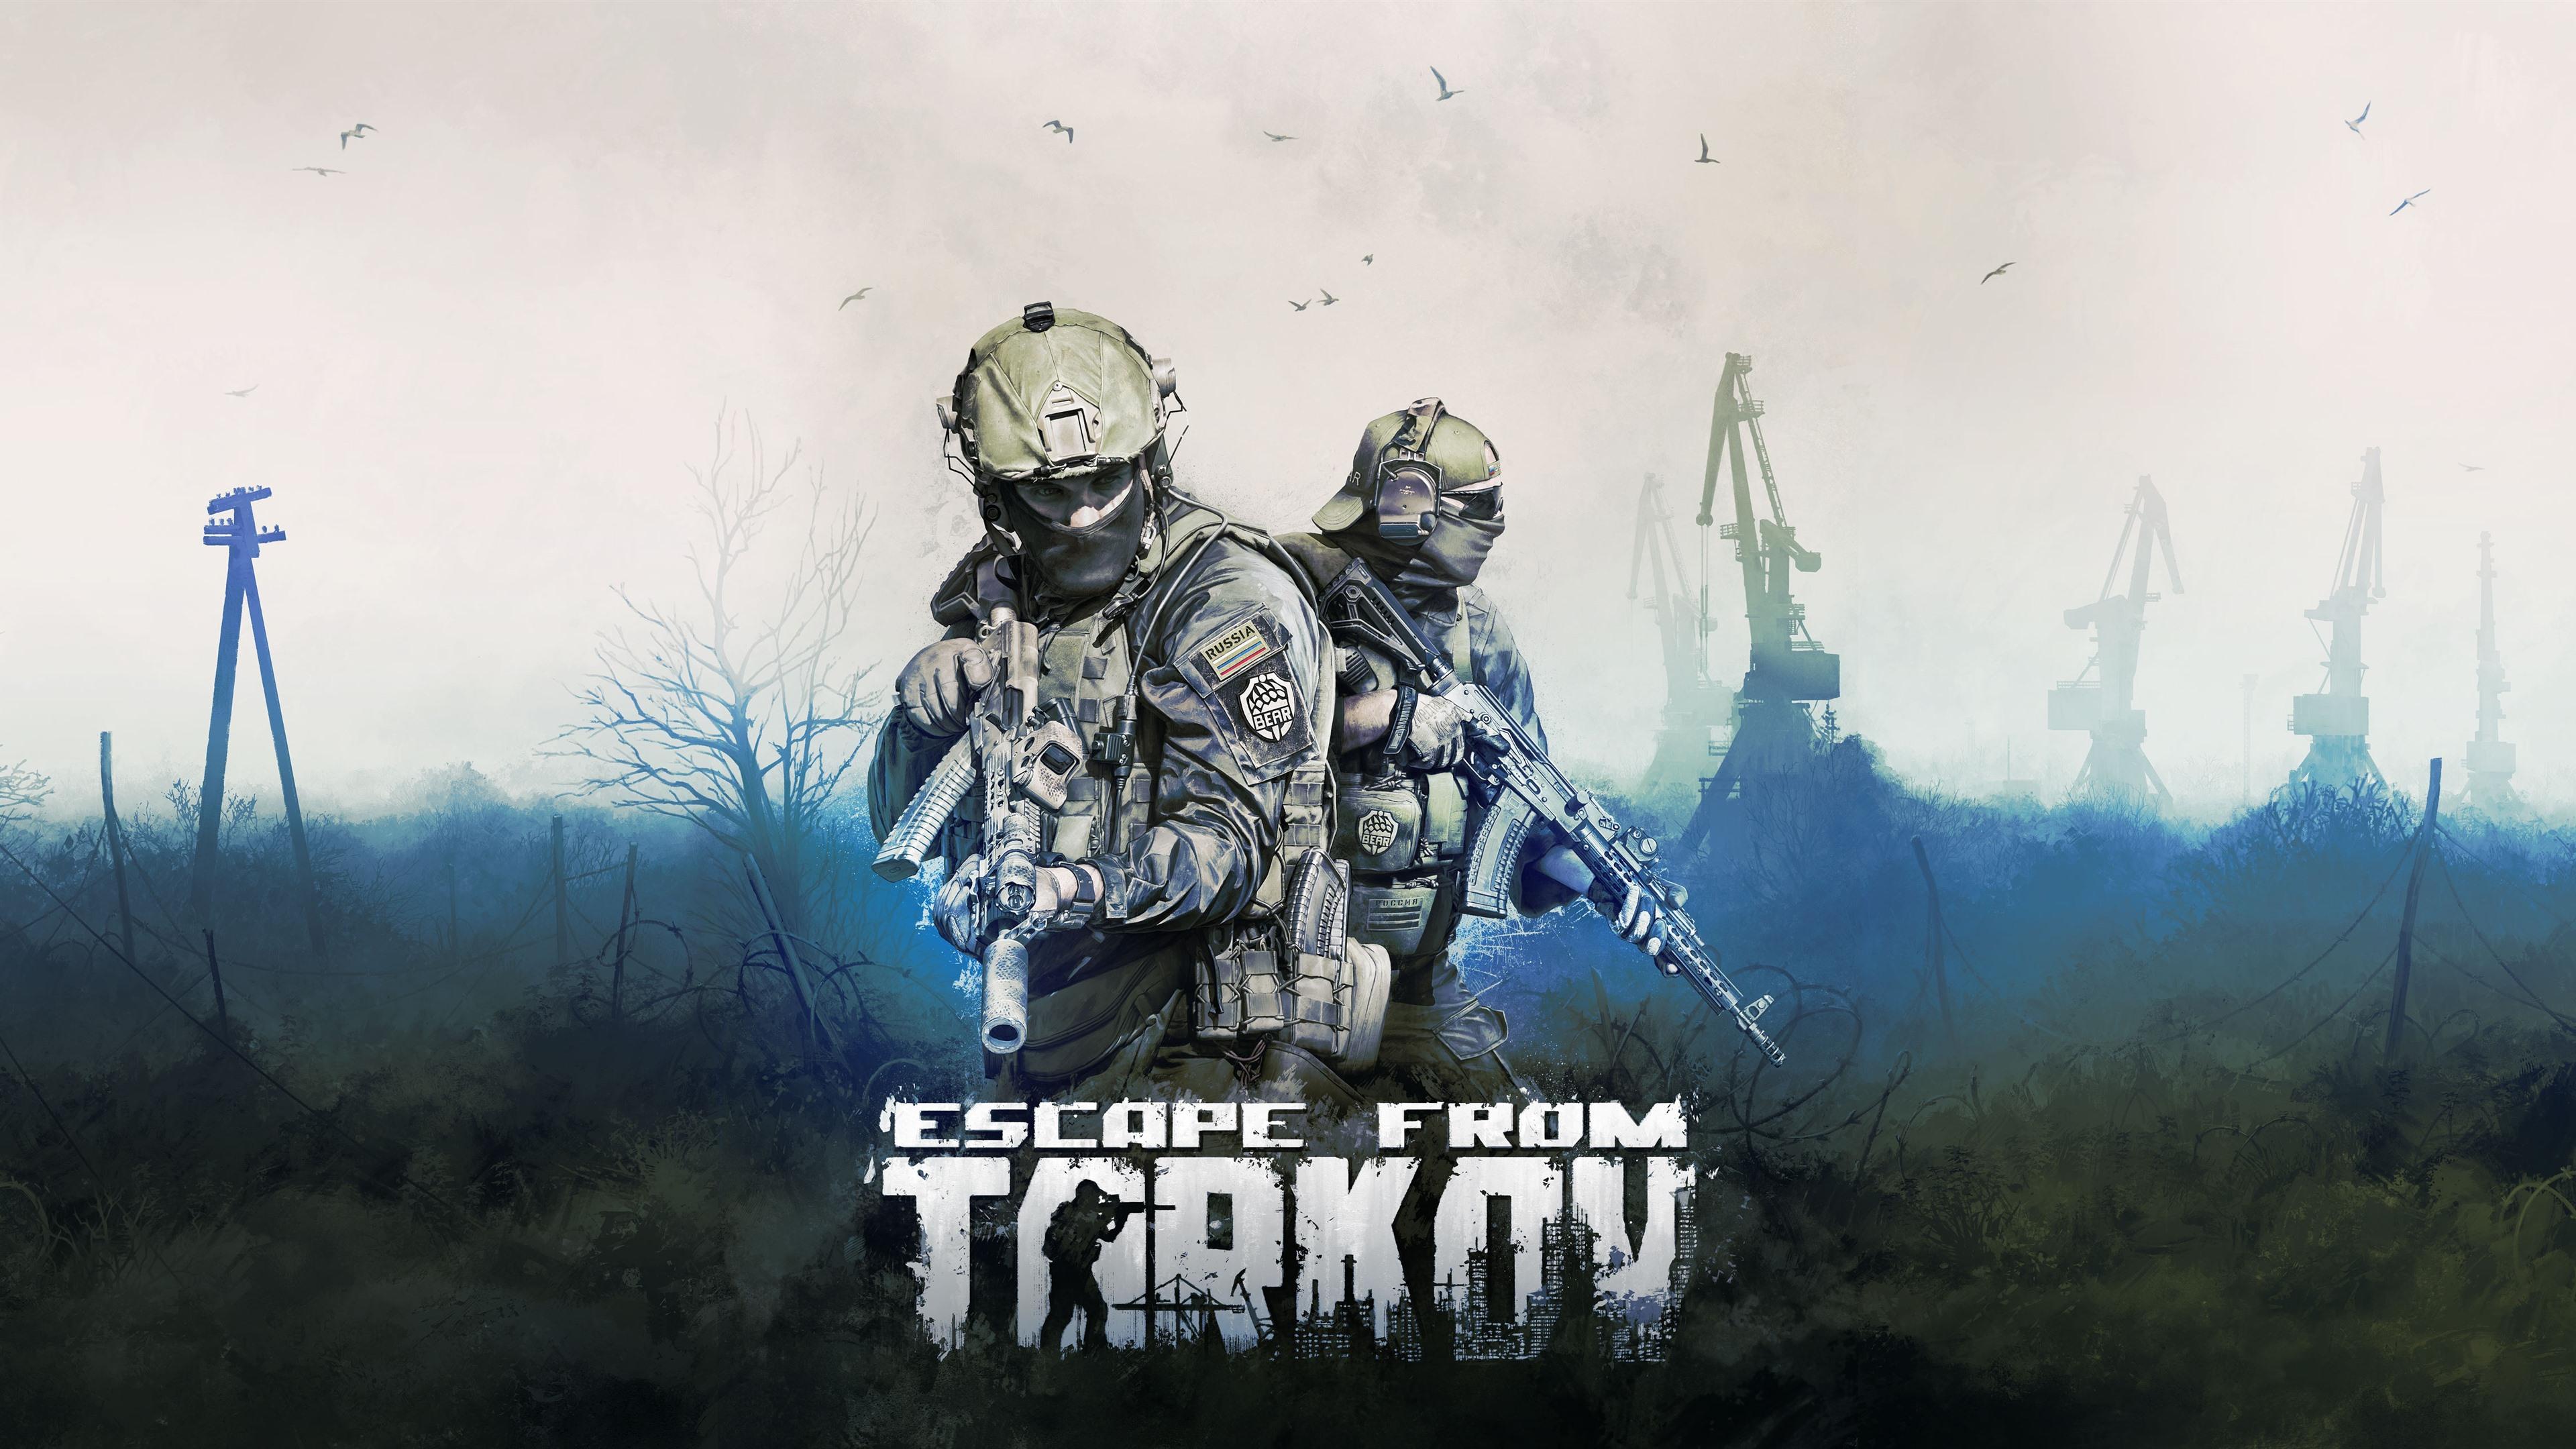 Wallpaper Escape From Tarkov Video Game 3840x2160 Uhd 4k